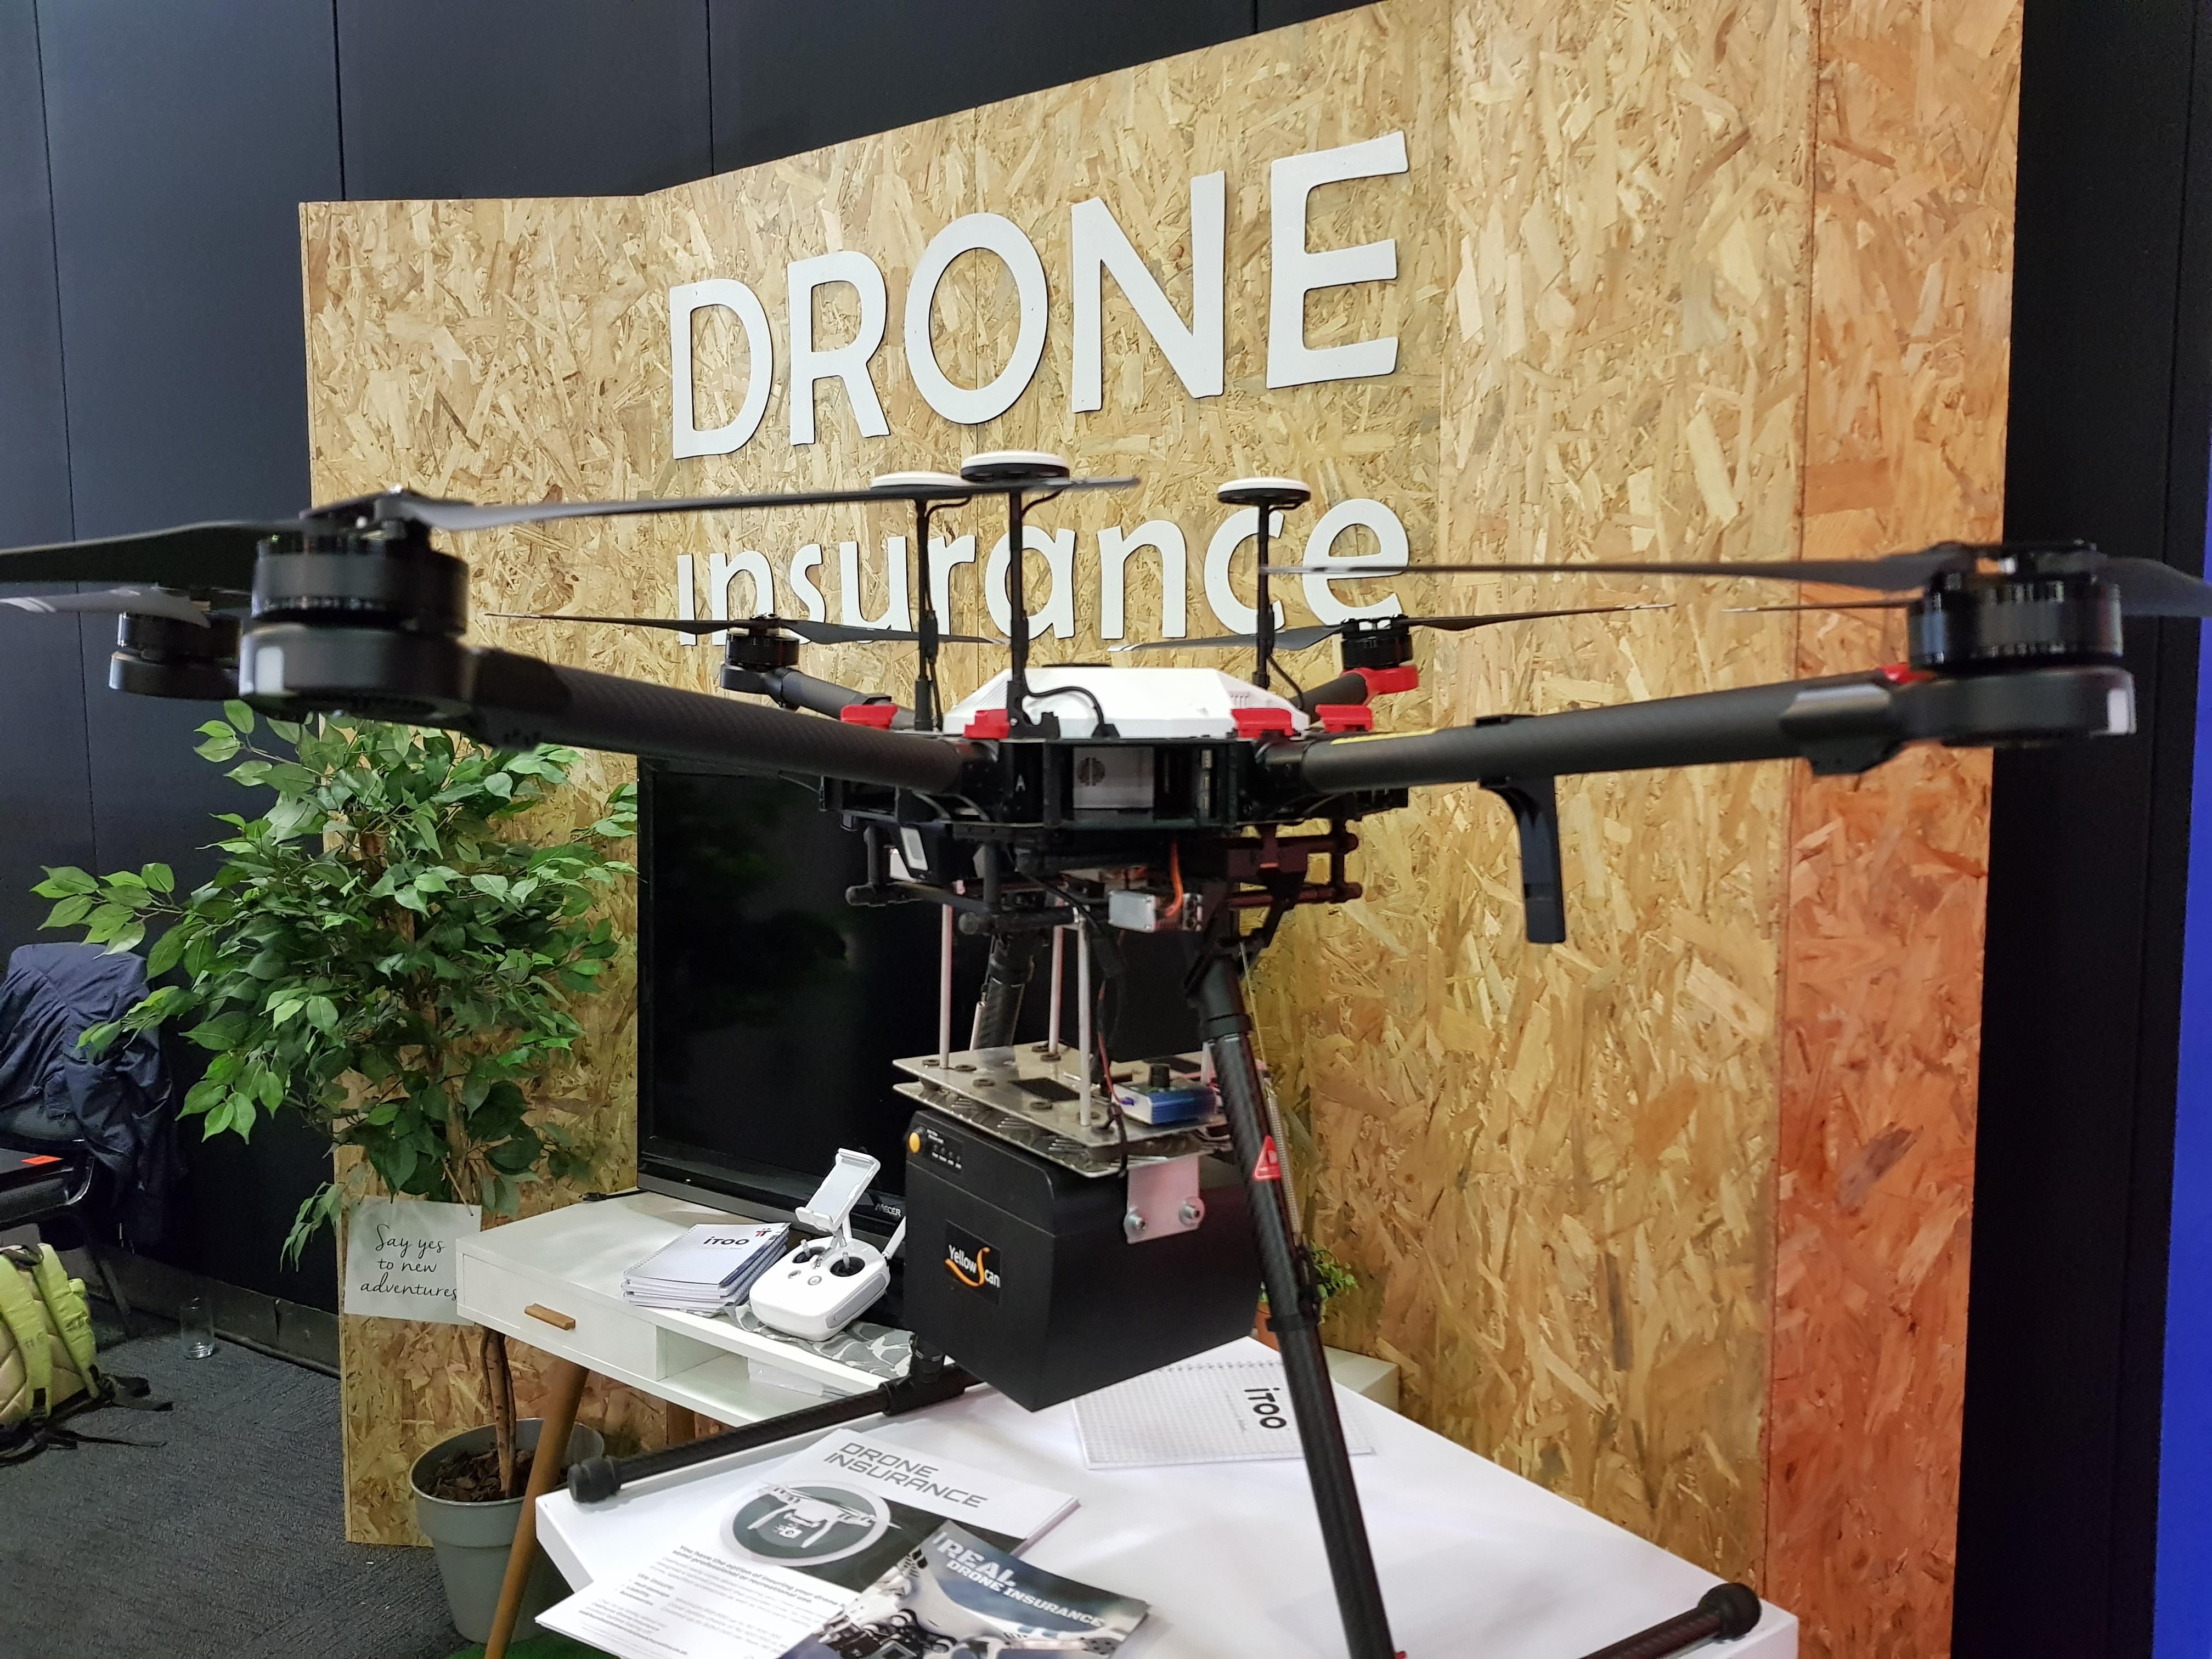 Drone Con 2018_5